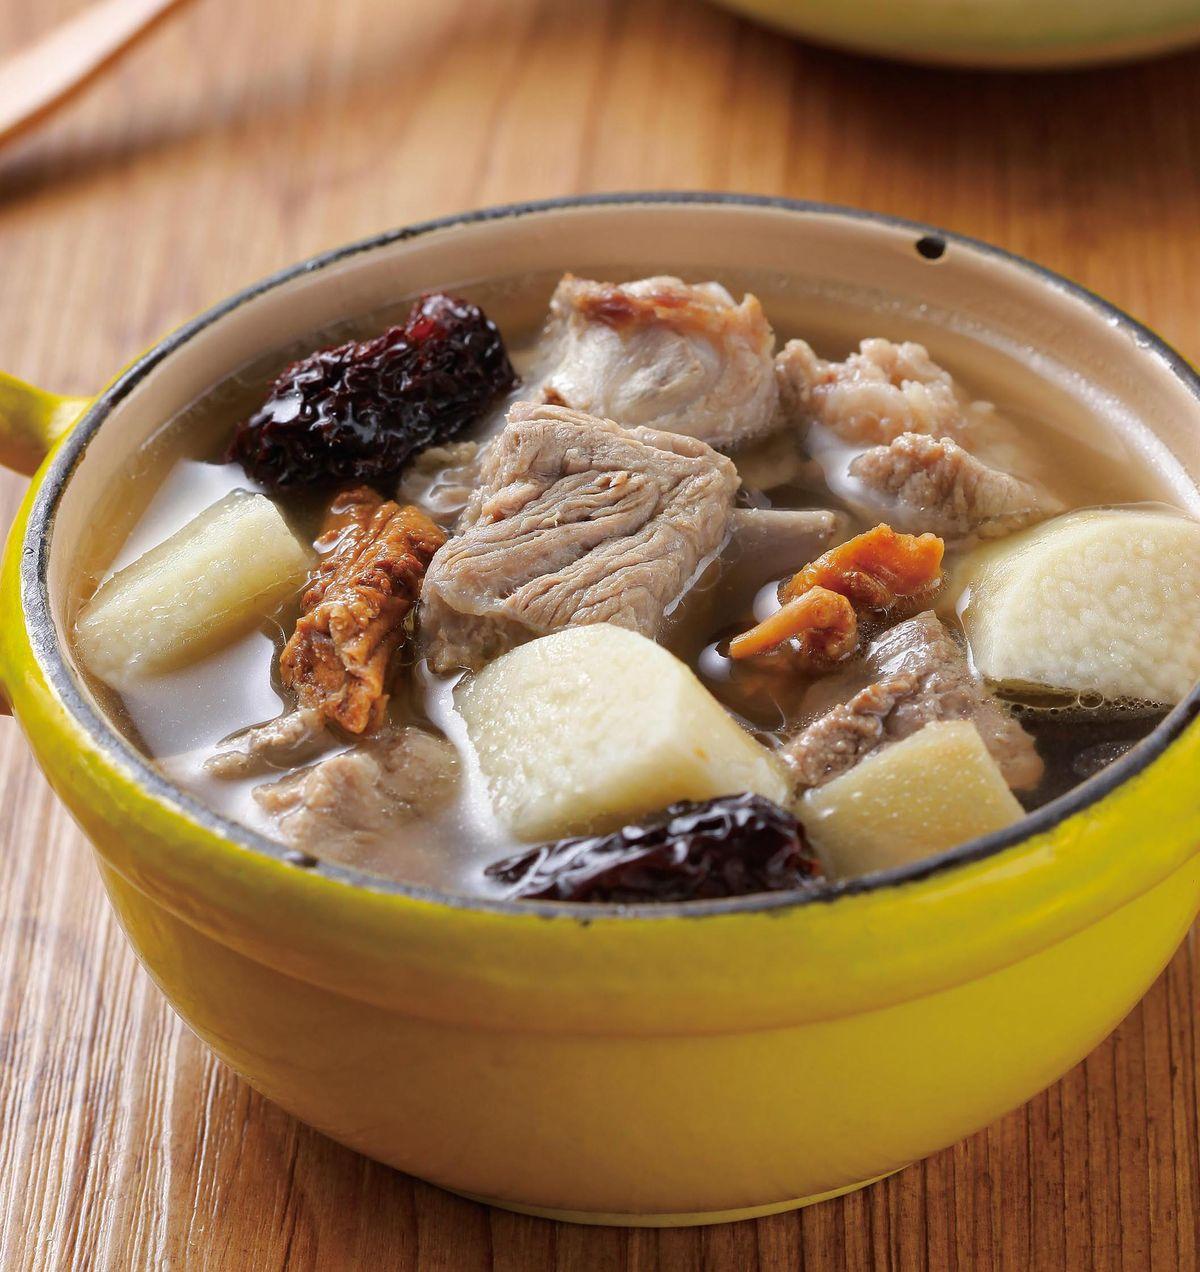 食譜:黑棗山藥排骨湯